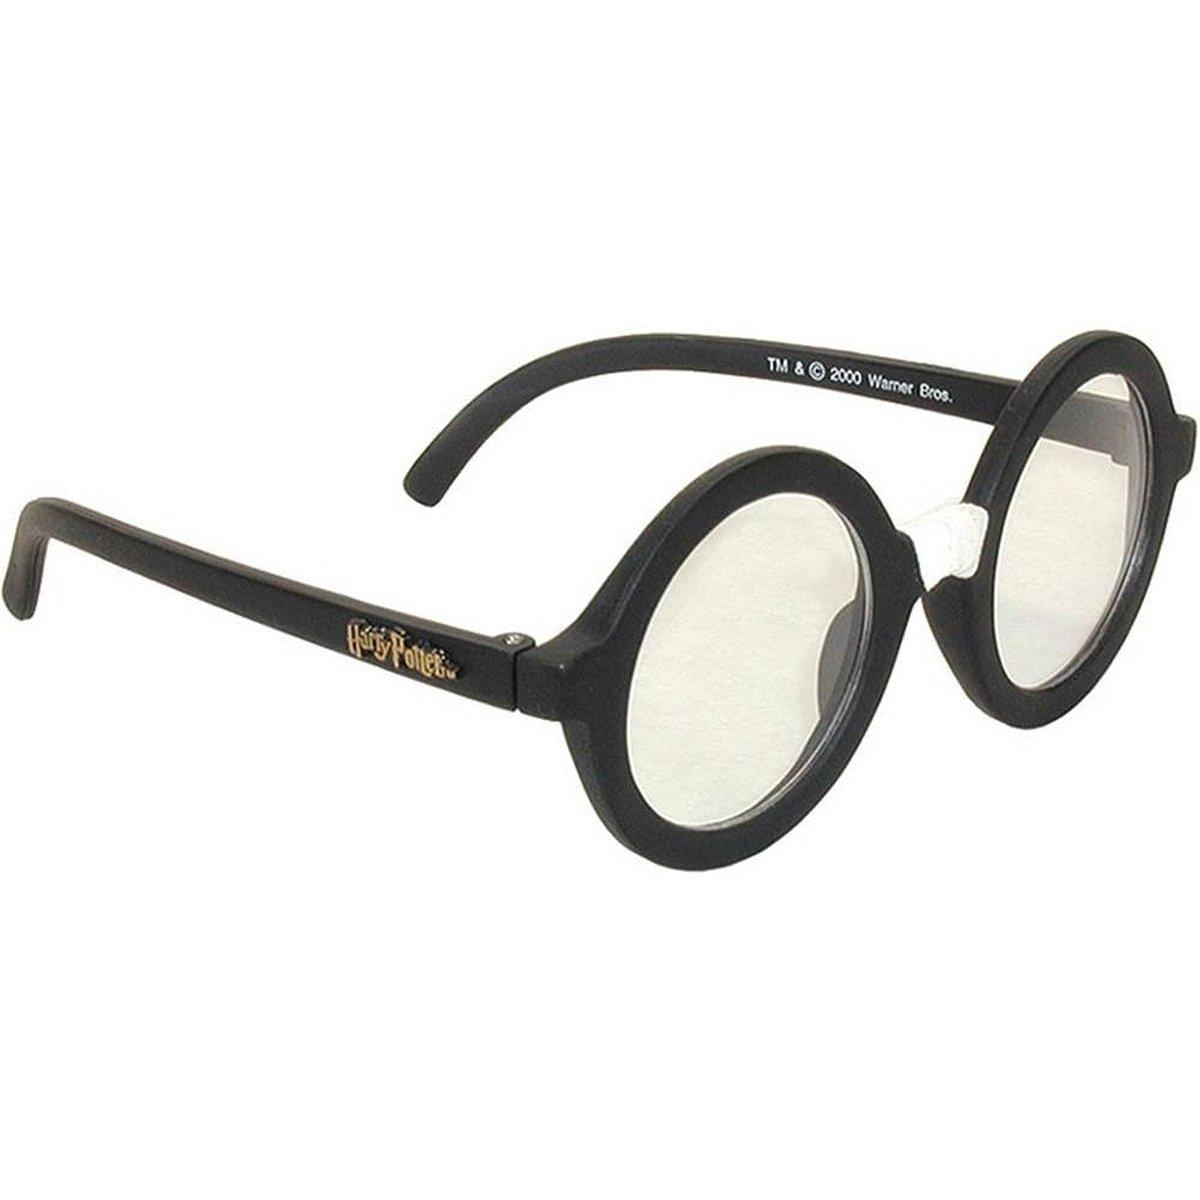 Harry Potter's Glasses - ST Elope inc. 335200